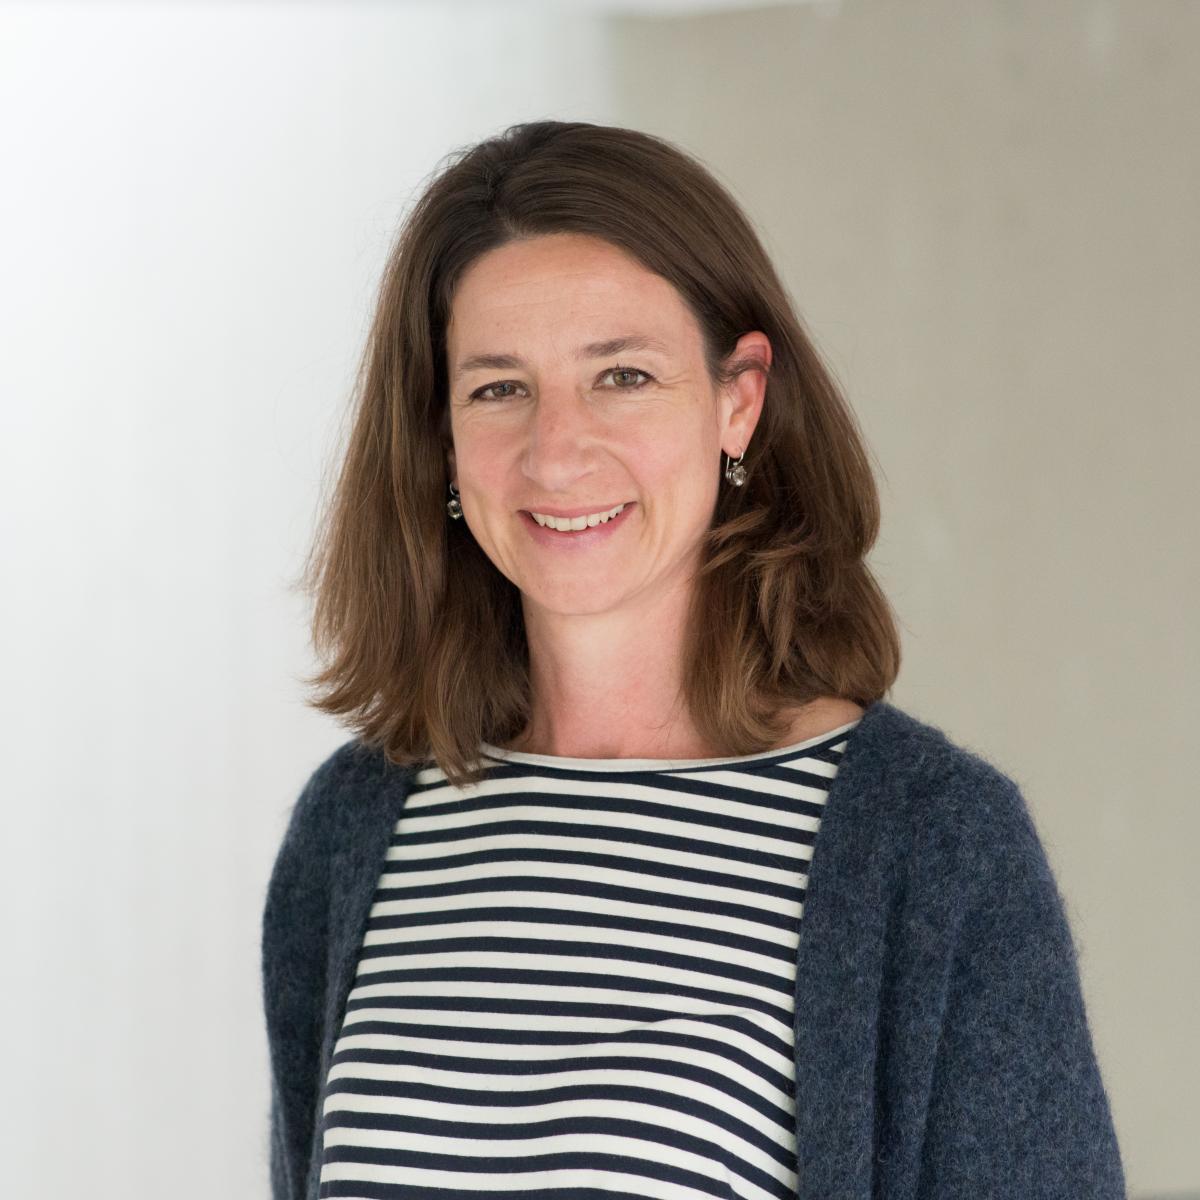 Susanne Spaeter